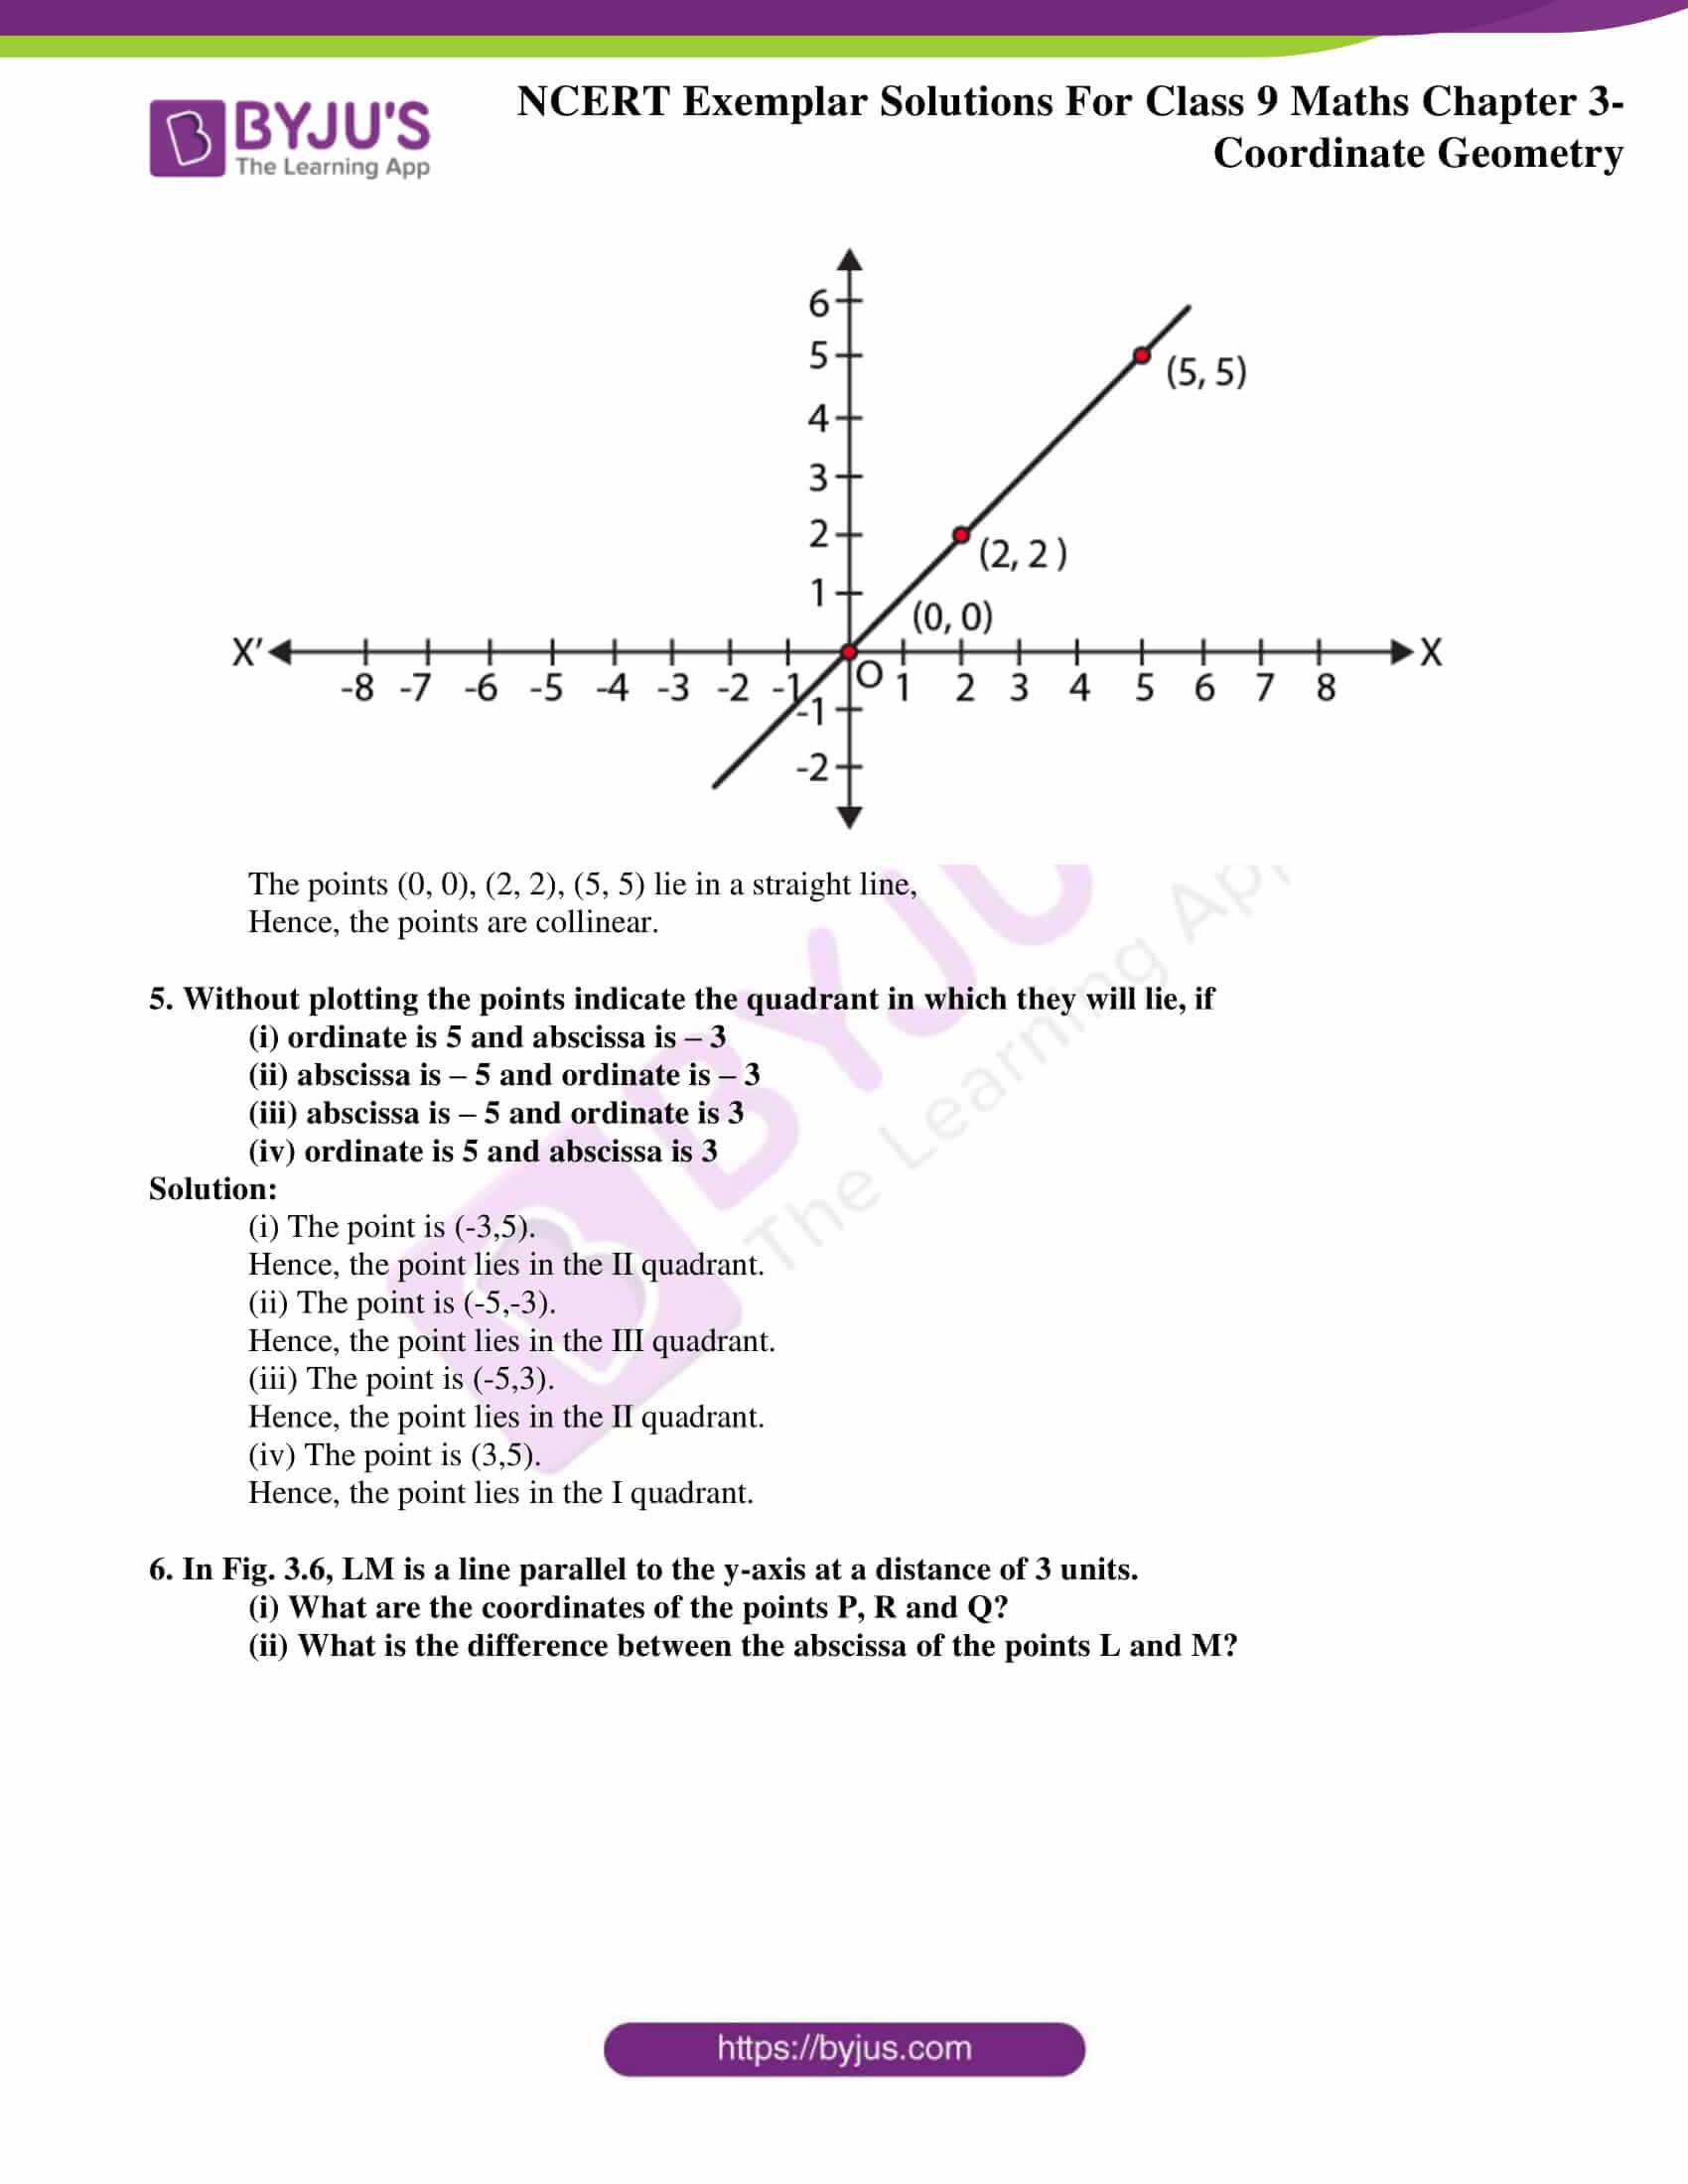 NCERT Exemplar Solutions for Class 9 Maths Chapter 3 09